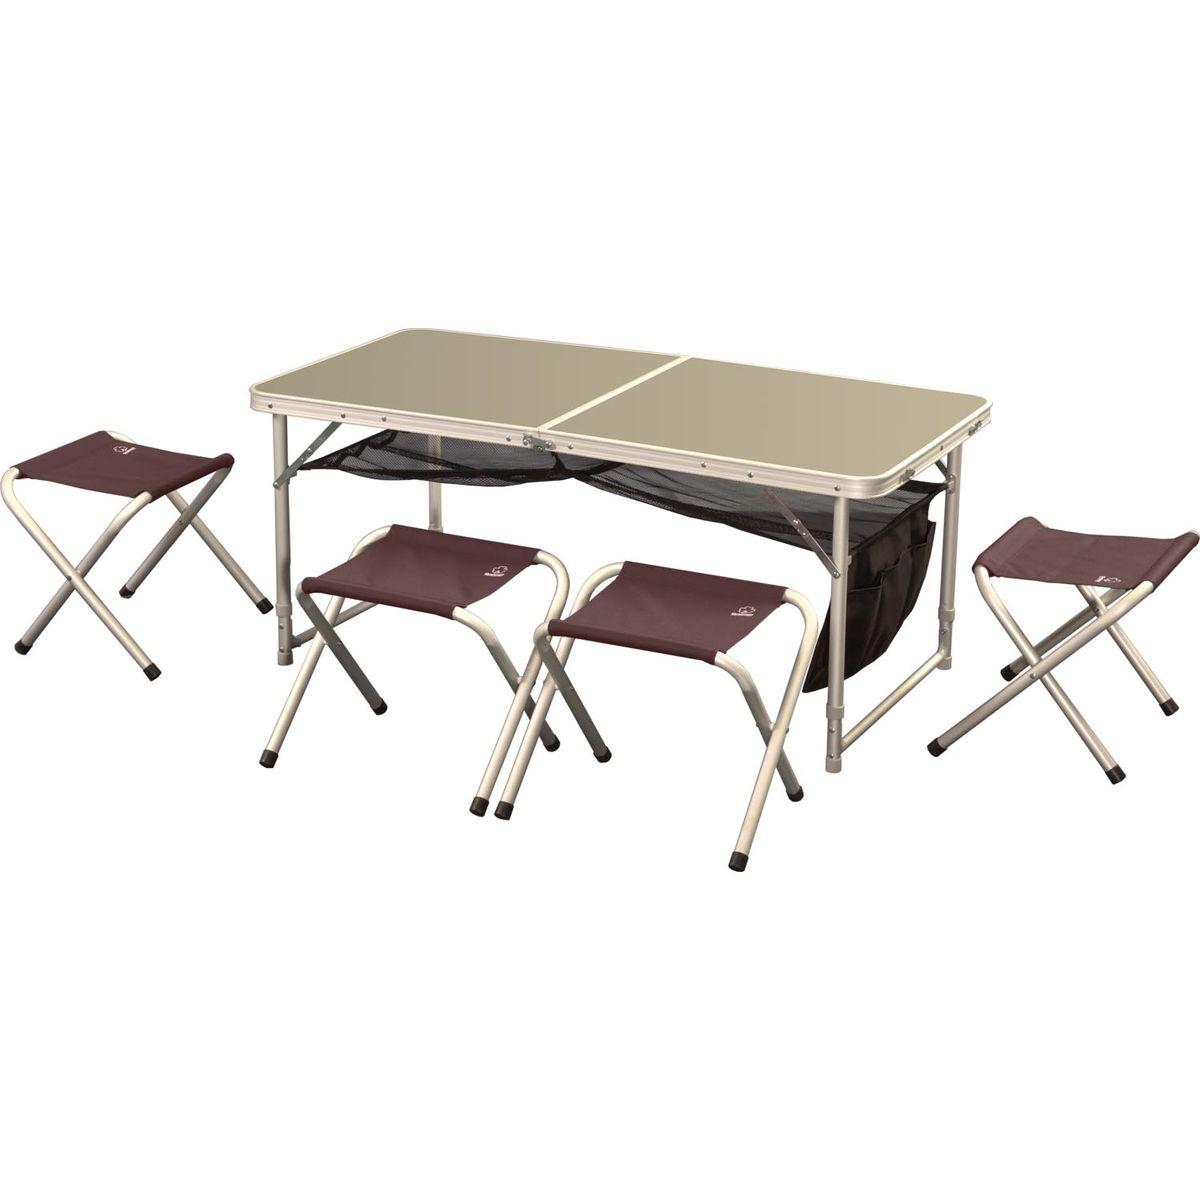 Набор складной мебели Greenell FTFS-1, 5 предметов ремкомплекты для туристических палаток greenell ремкомплект 2 для палаток